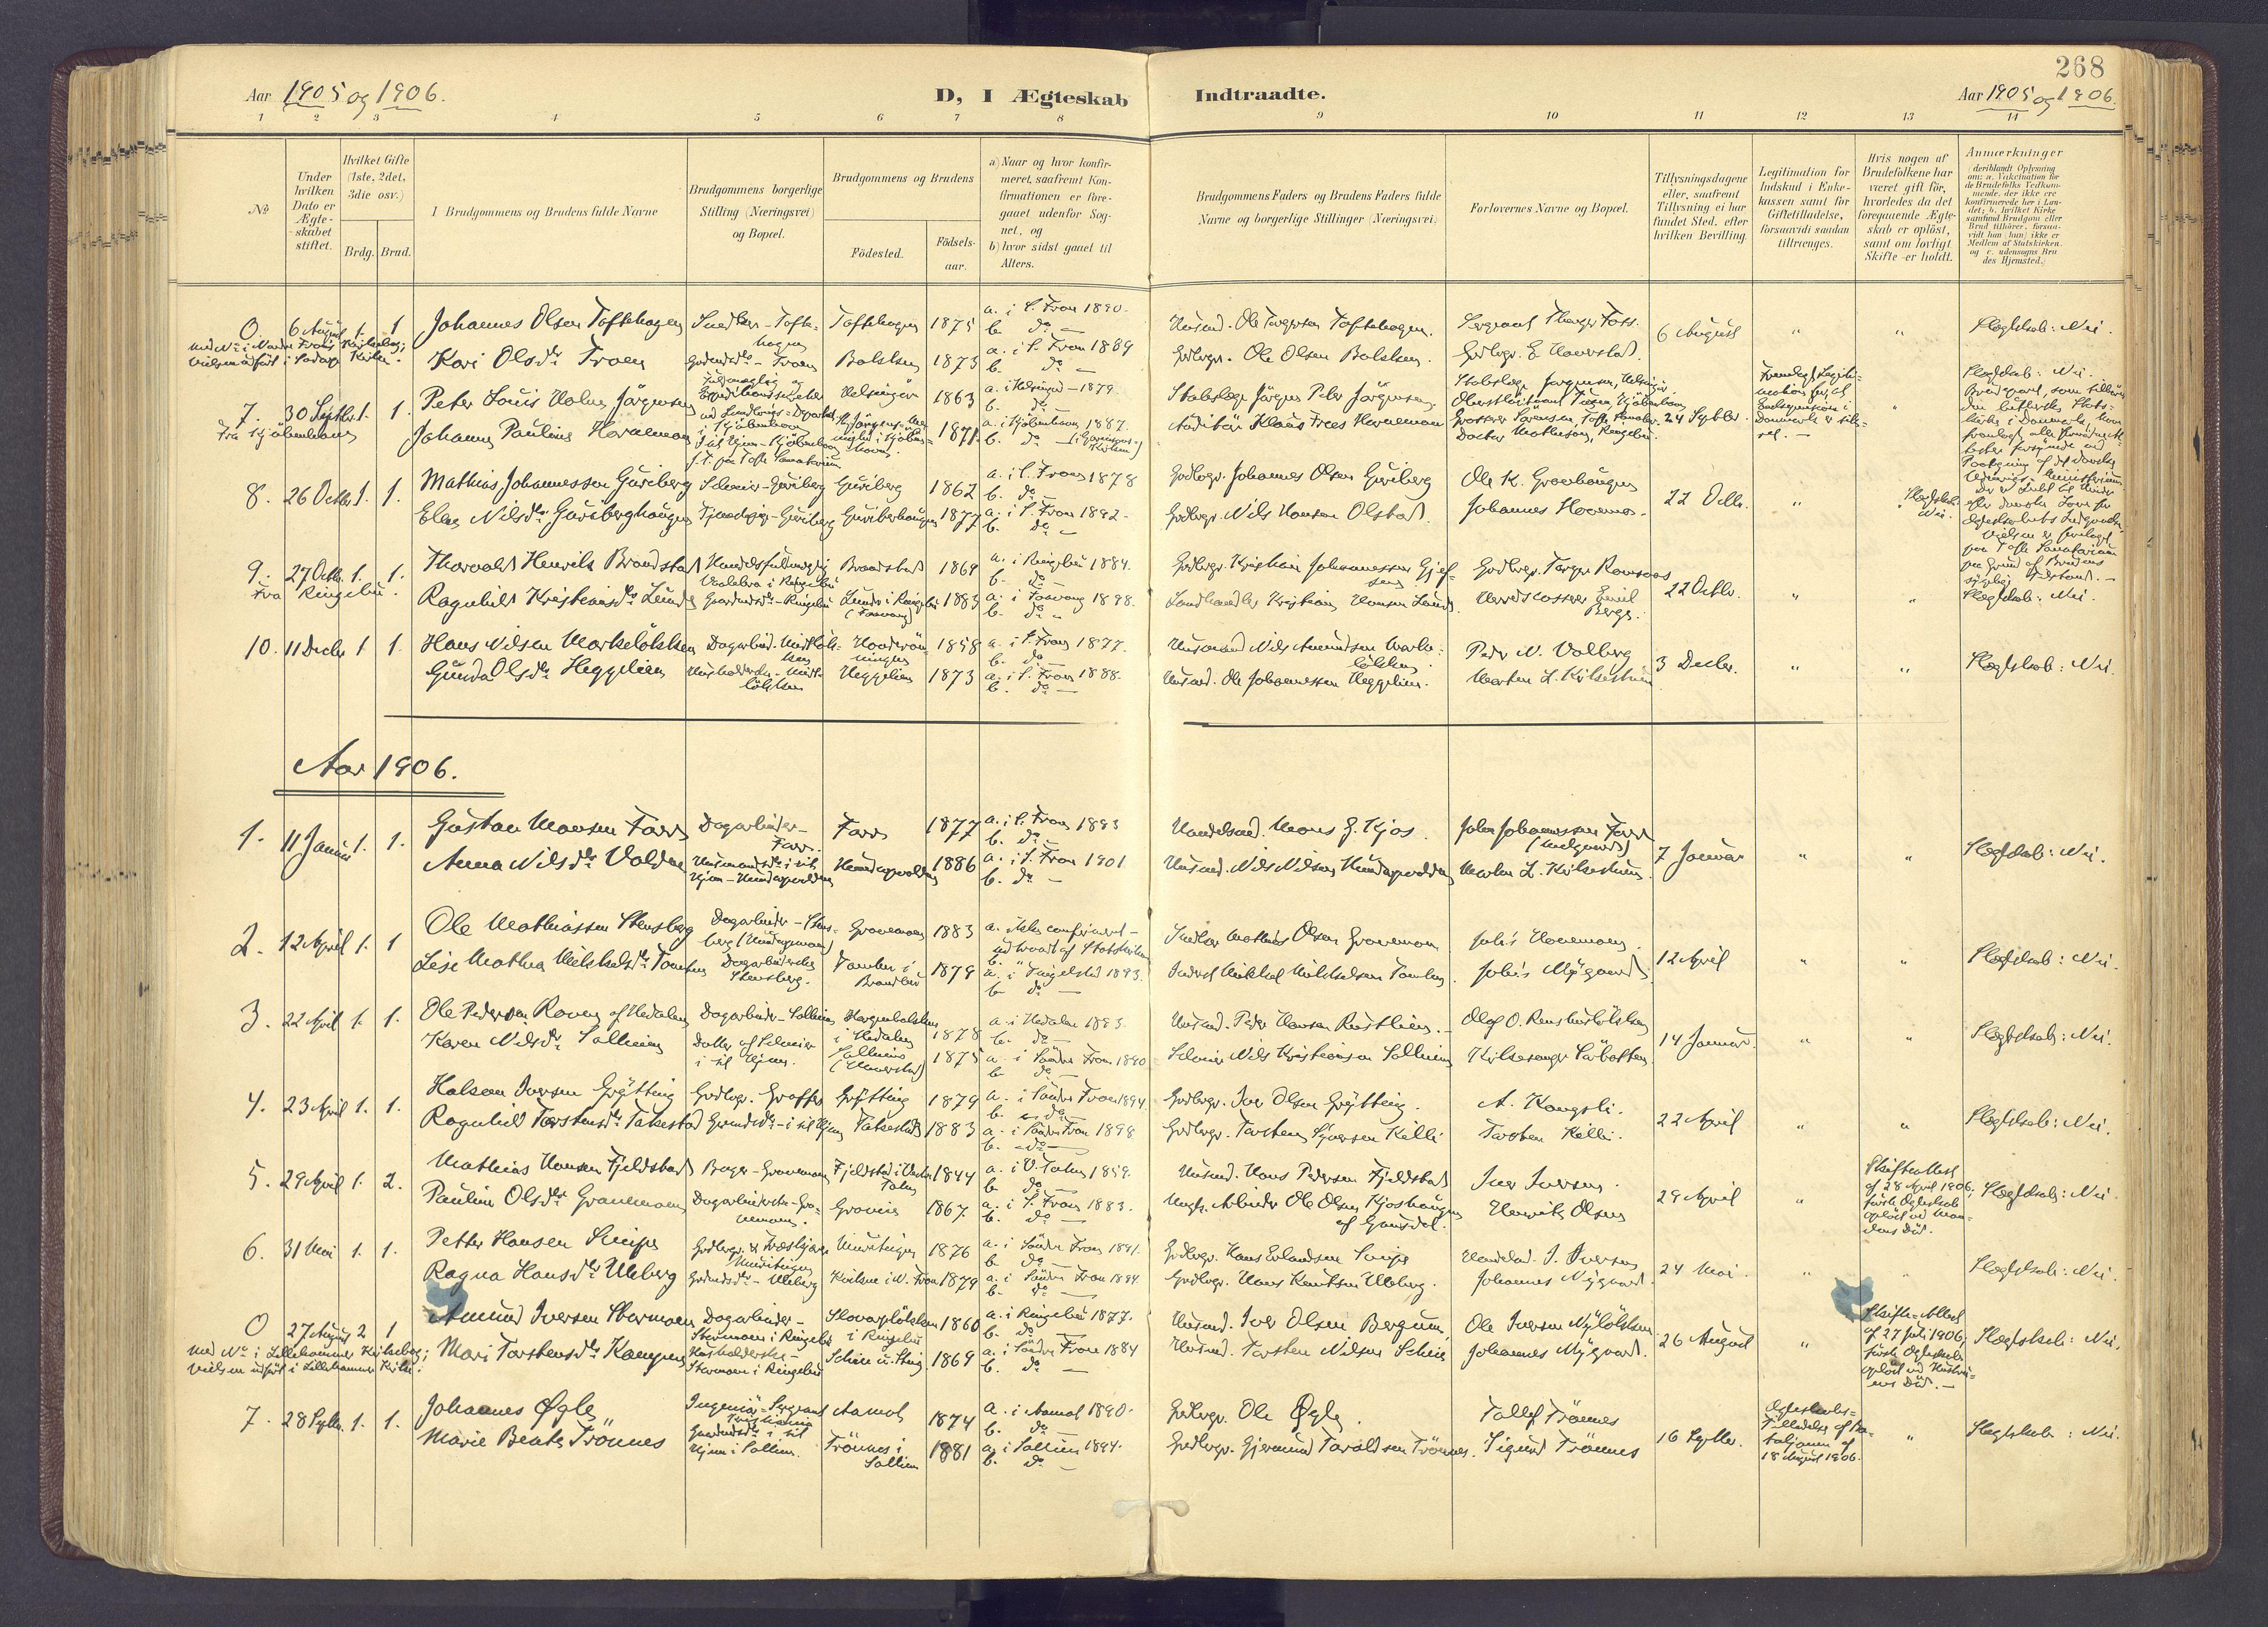 SAH, Sør-Fron prestekontor, H/Ha/Haa/L0004: Parish register (official) no. 4, 1898-1919, p. 268